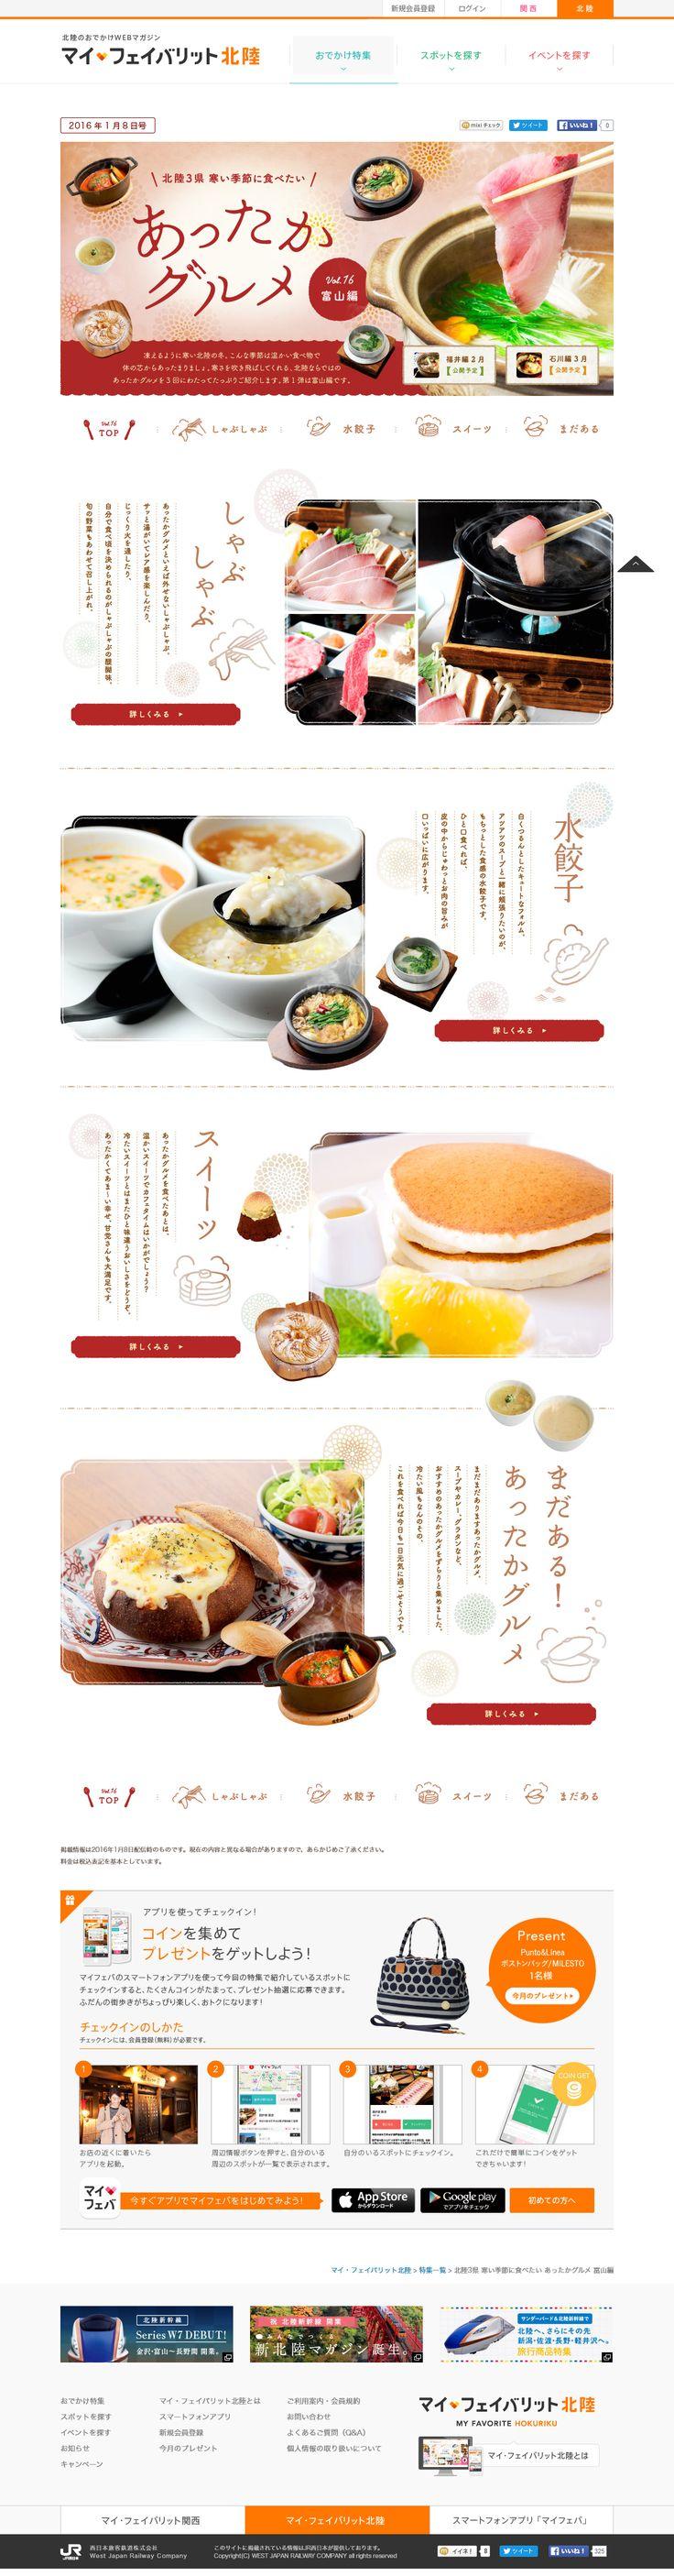 http://hokuriku.my-fav.jp/feature/16/